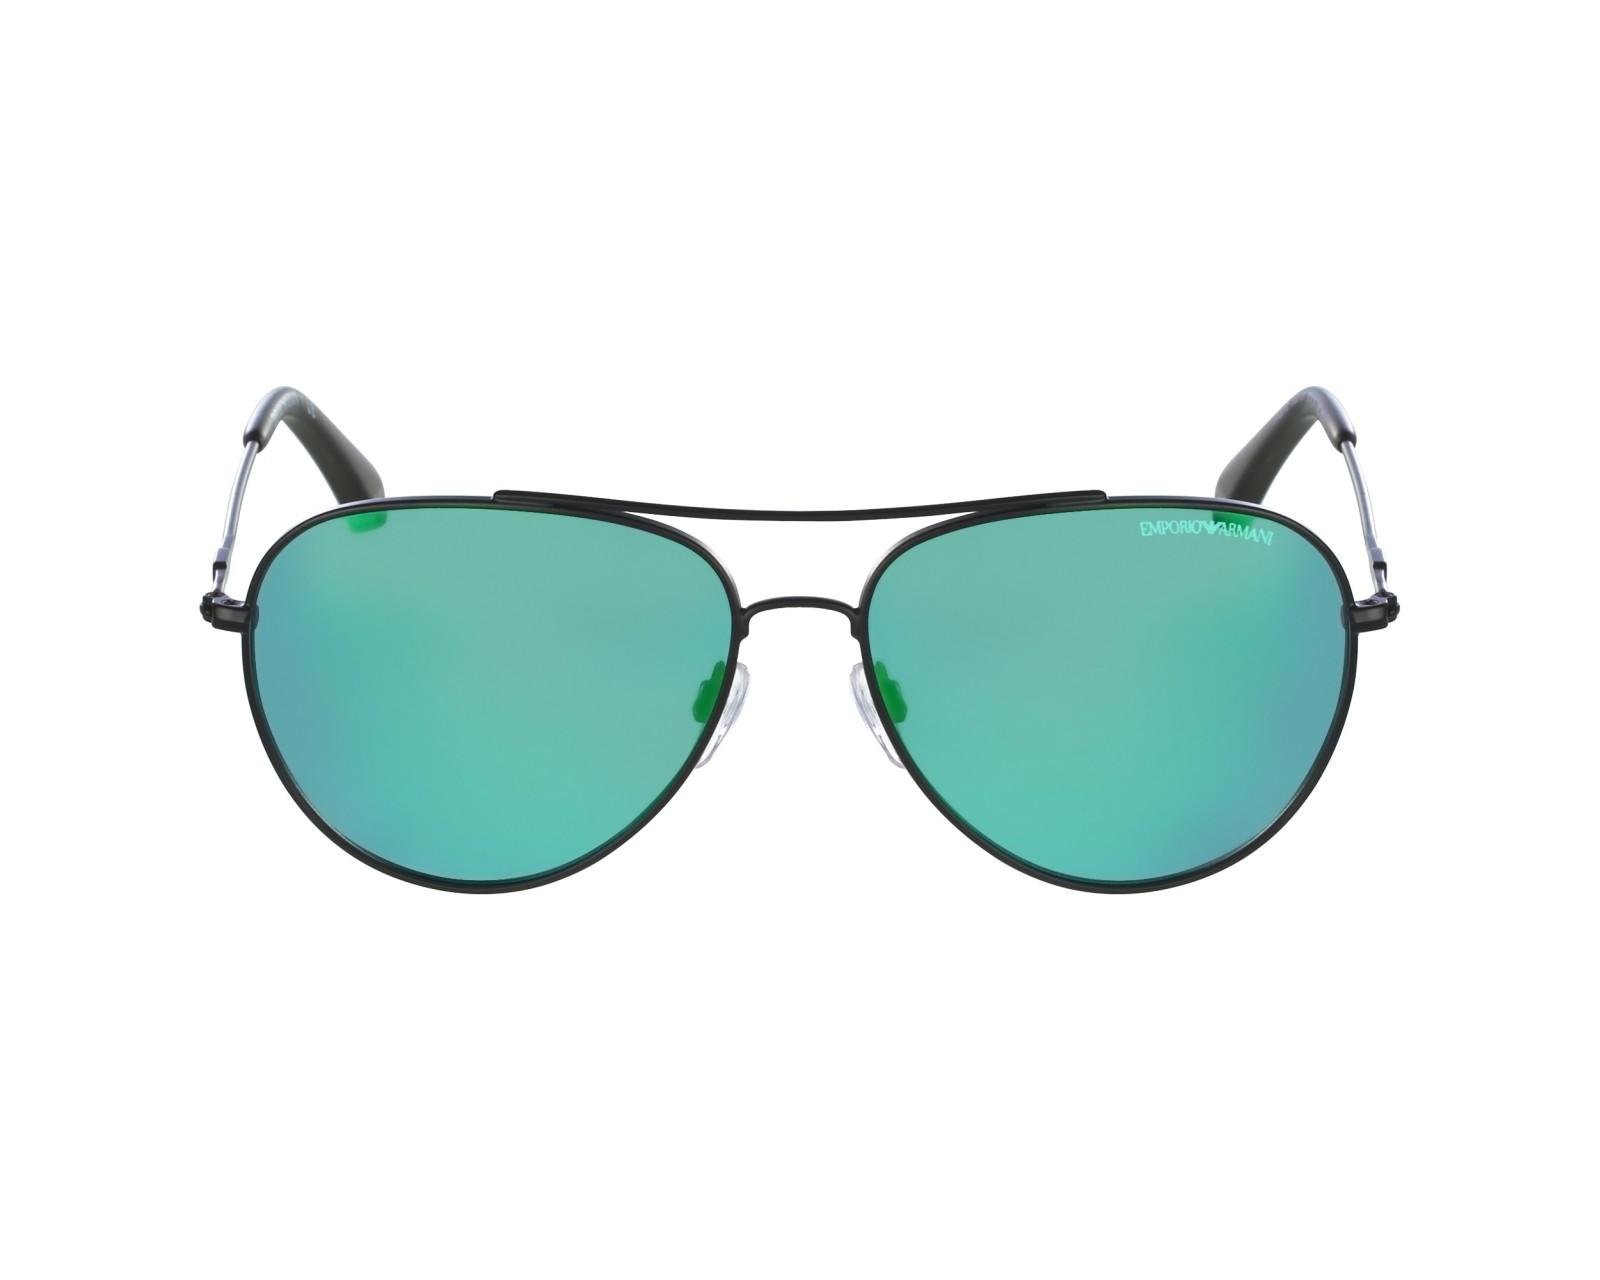 79799009f4e Sunglasses Emporio Armani EA-2010 3001 31 - Black profile view